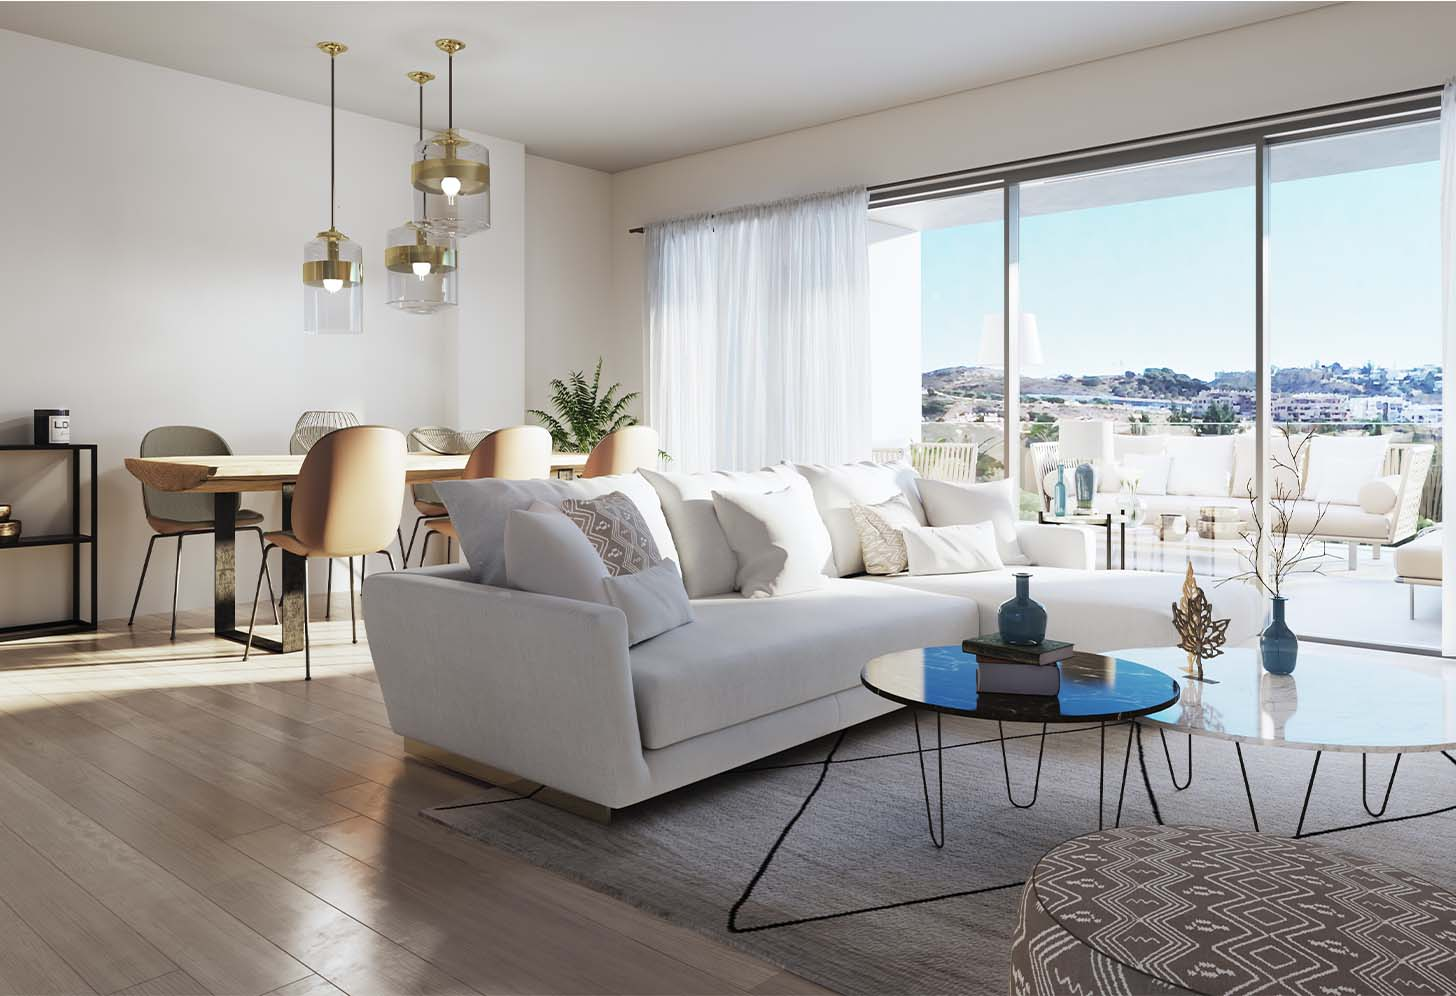 immobilier neuf espagne costa del sol on-e12 Navigolf salon